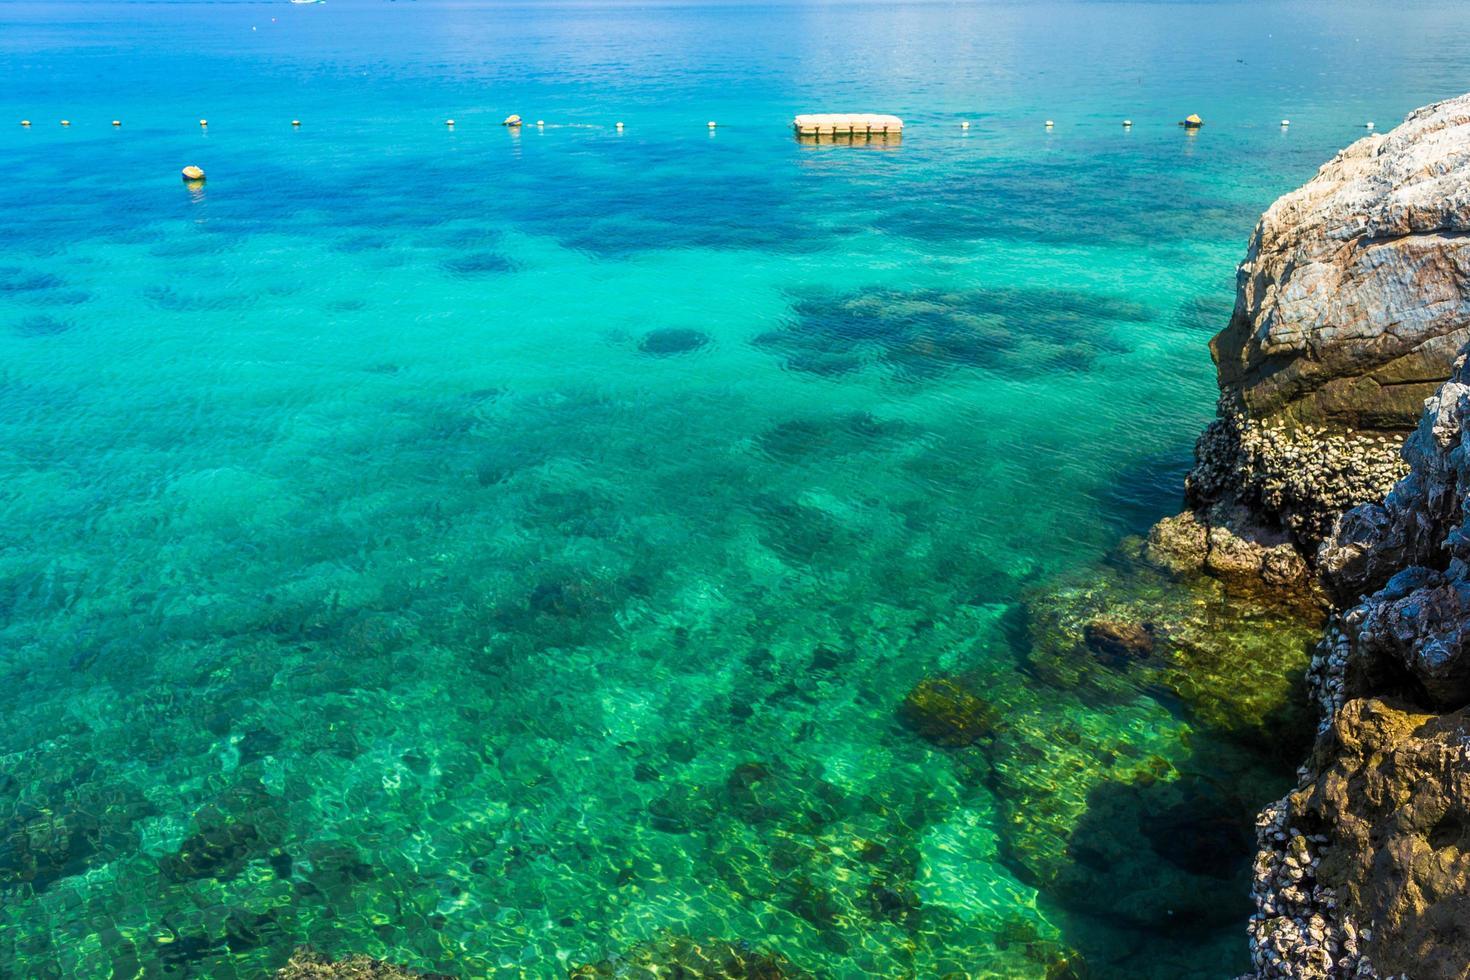 tropische oceaan gedurende de dag foto